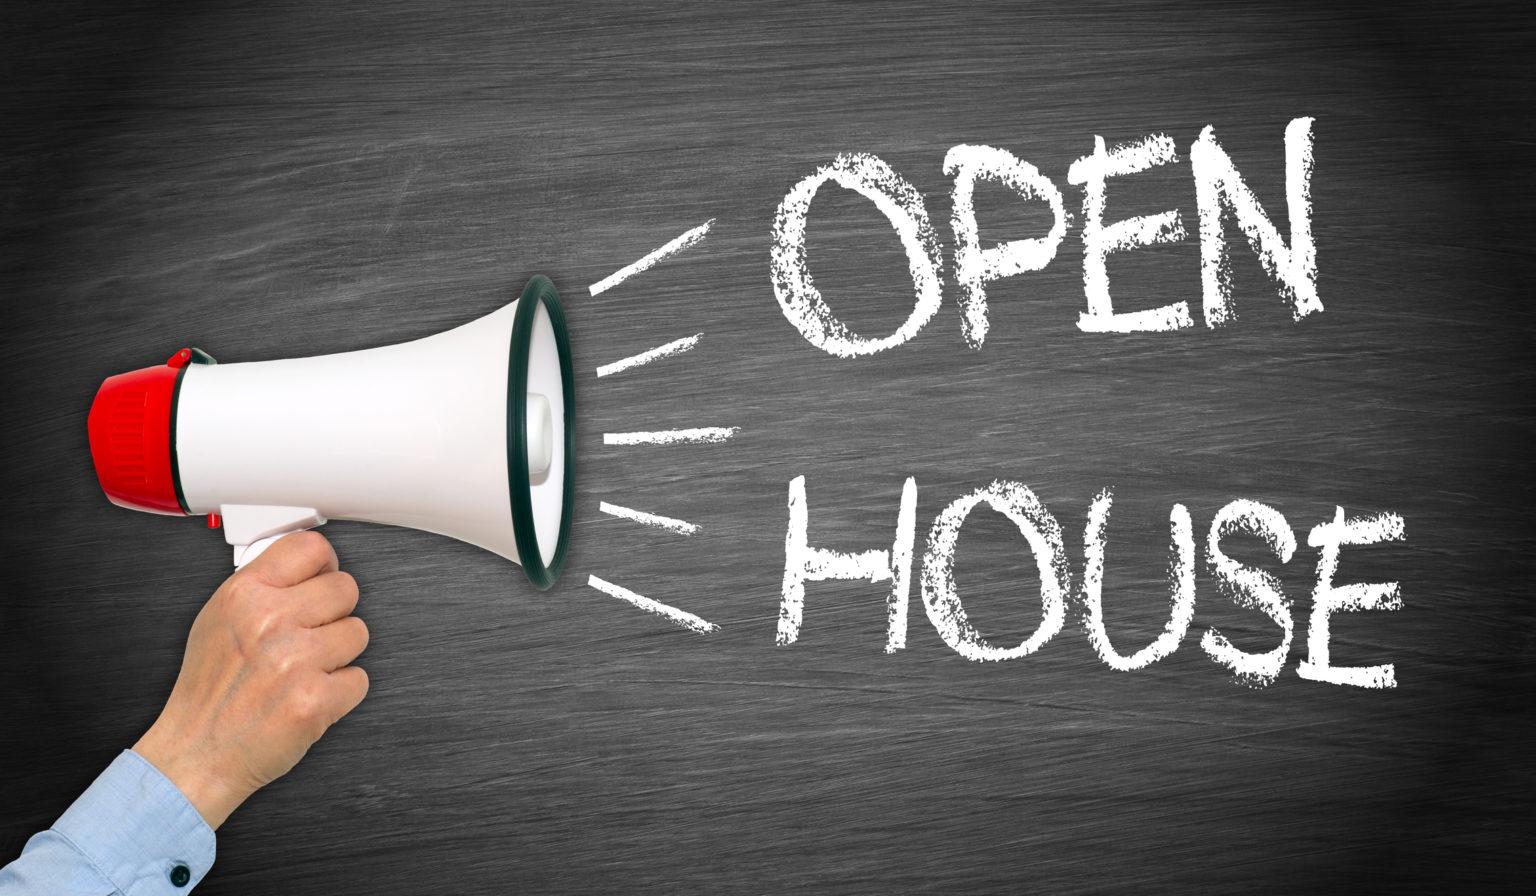 Open House with a bullhorn